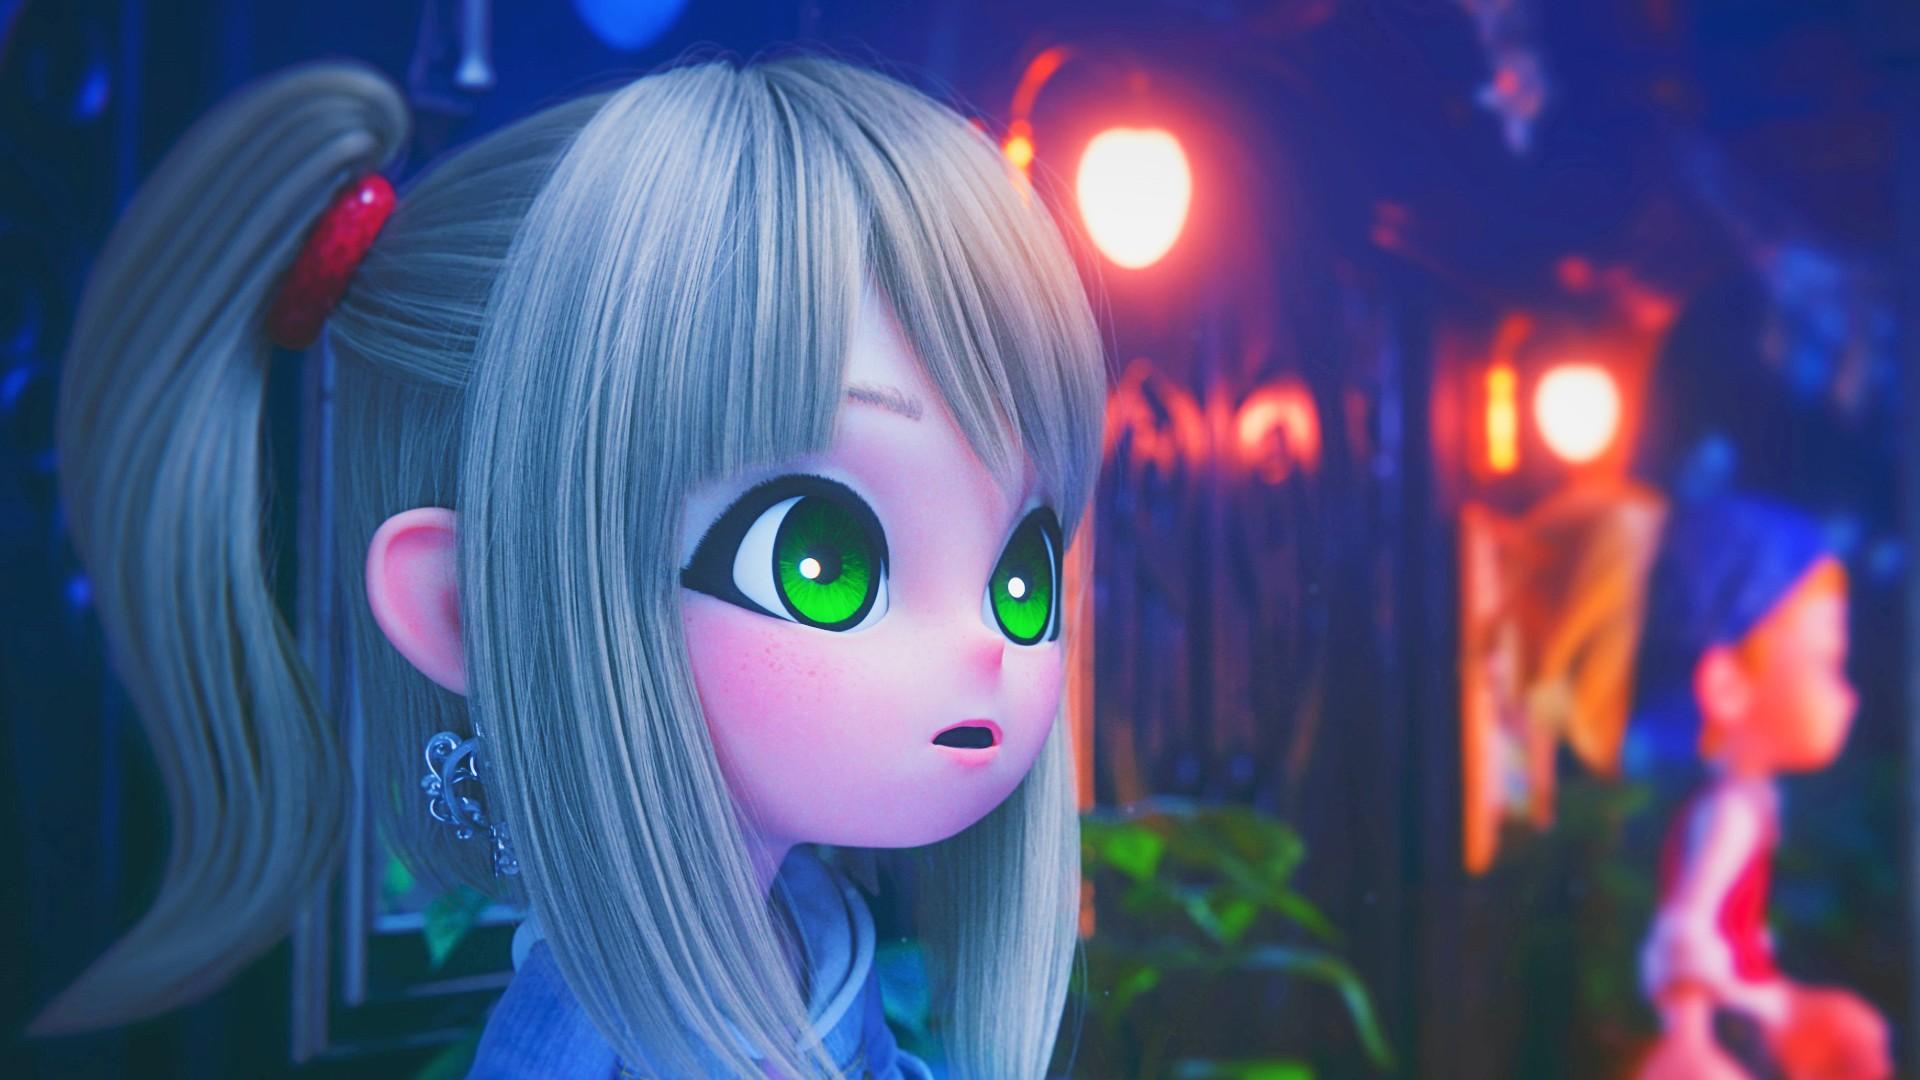 El creador de Sonic confirma la salida de Square Enix tras el lanzamiento de Balan Wonderworld